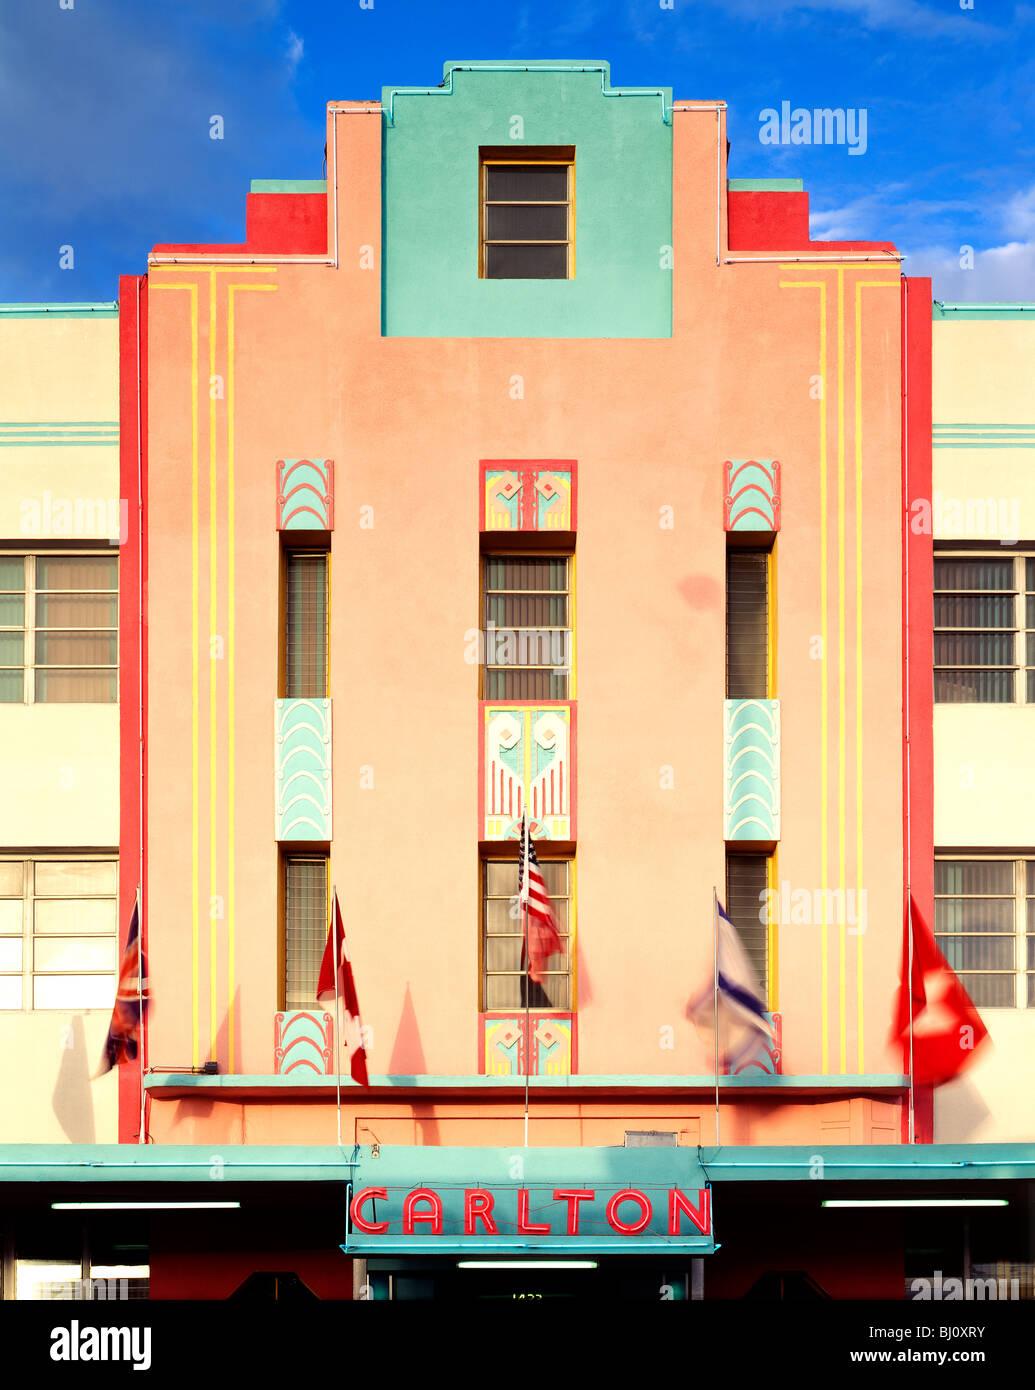 Carlton Hotel edificio de estilo arquitectónico Art Deco en la revitalizada South Beach, Miami, Florida, EE.UU. Imagen De Stock